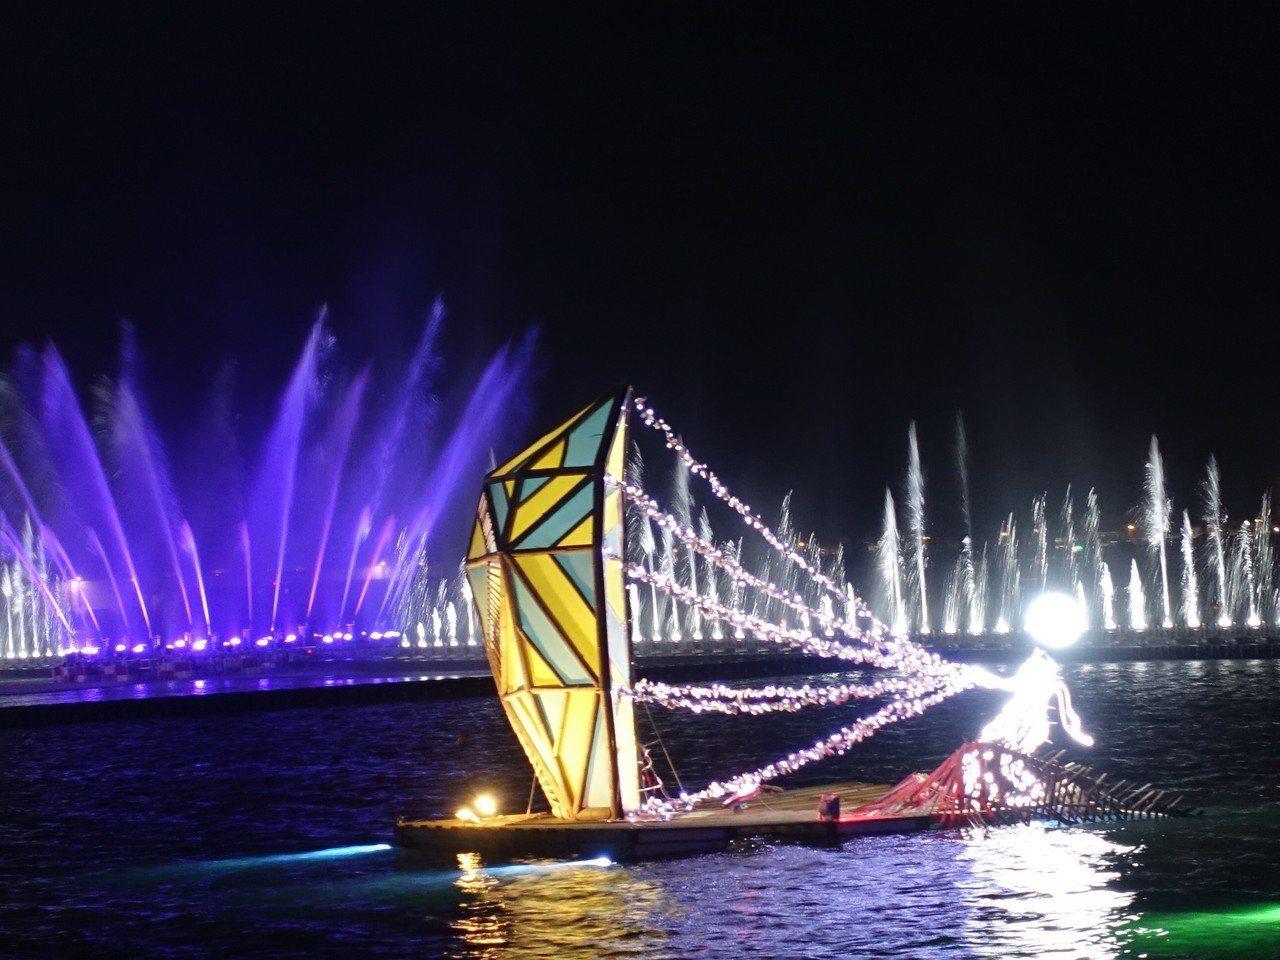 今年的台灣燈會加入水域,光影更美。 聯合報資料照/記者翁禎霞攝影